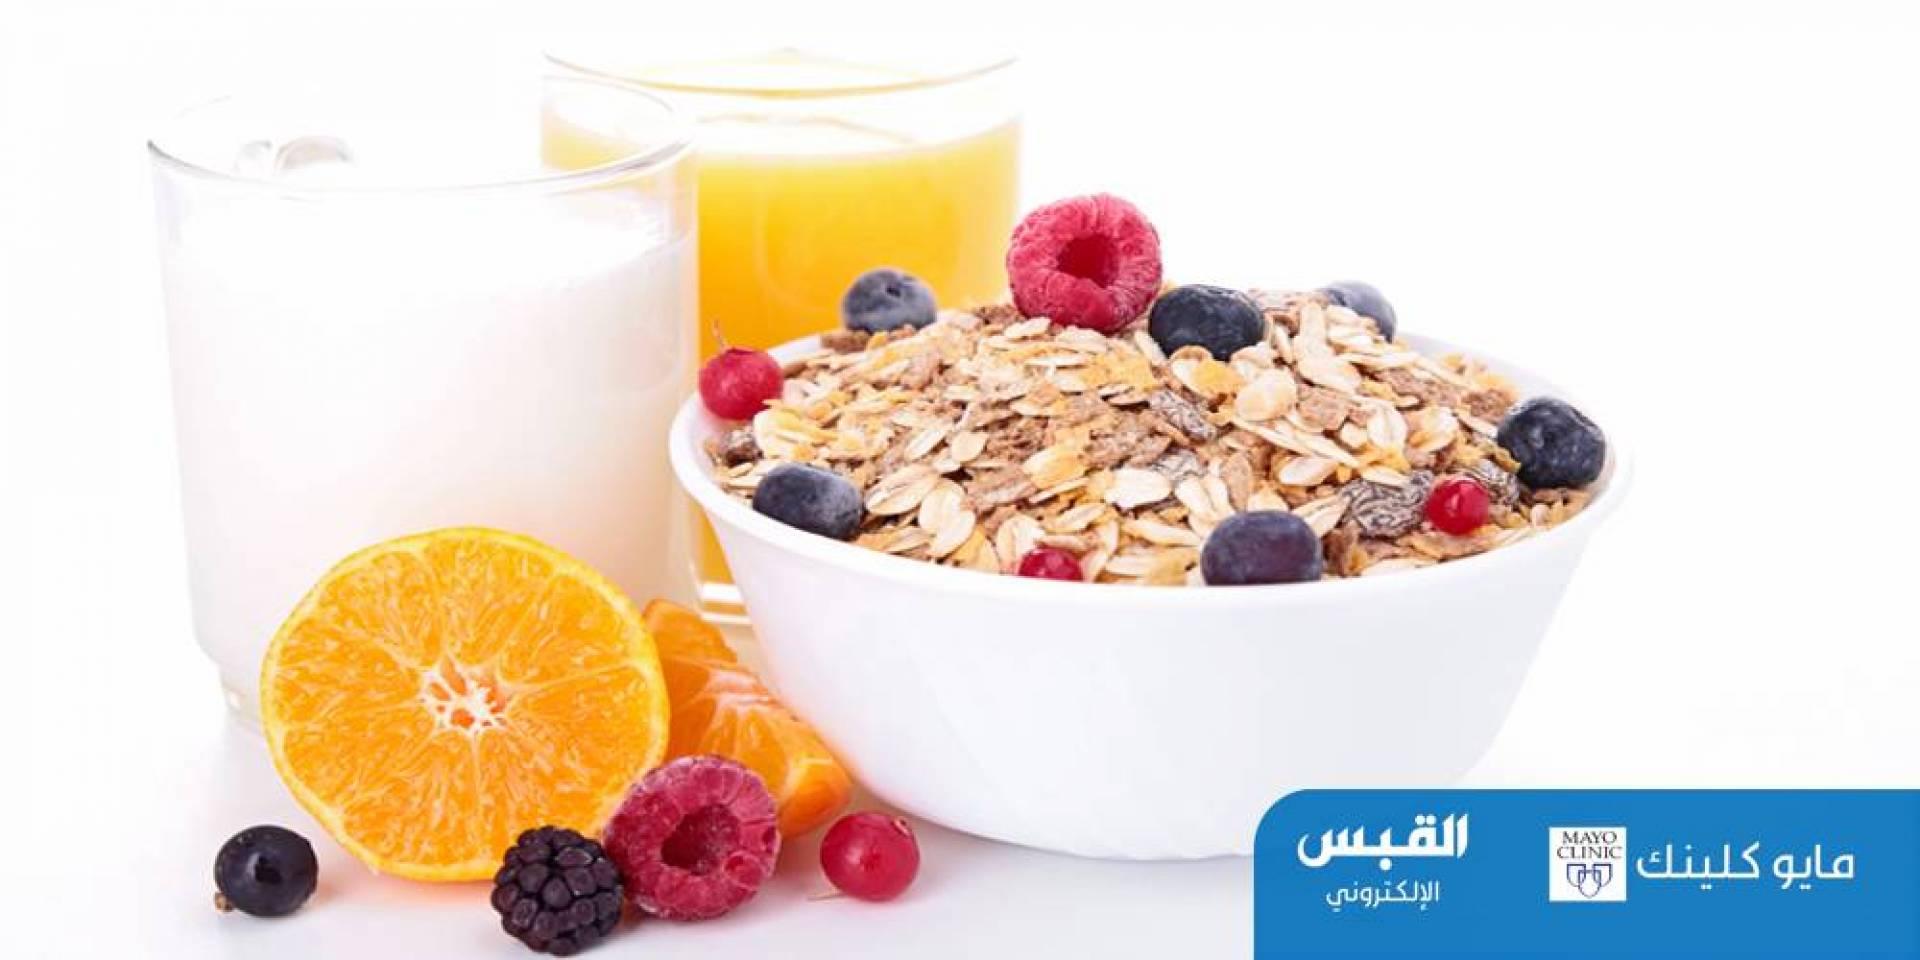 أكثِرْ من الألياف في نظامك الغذائي